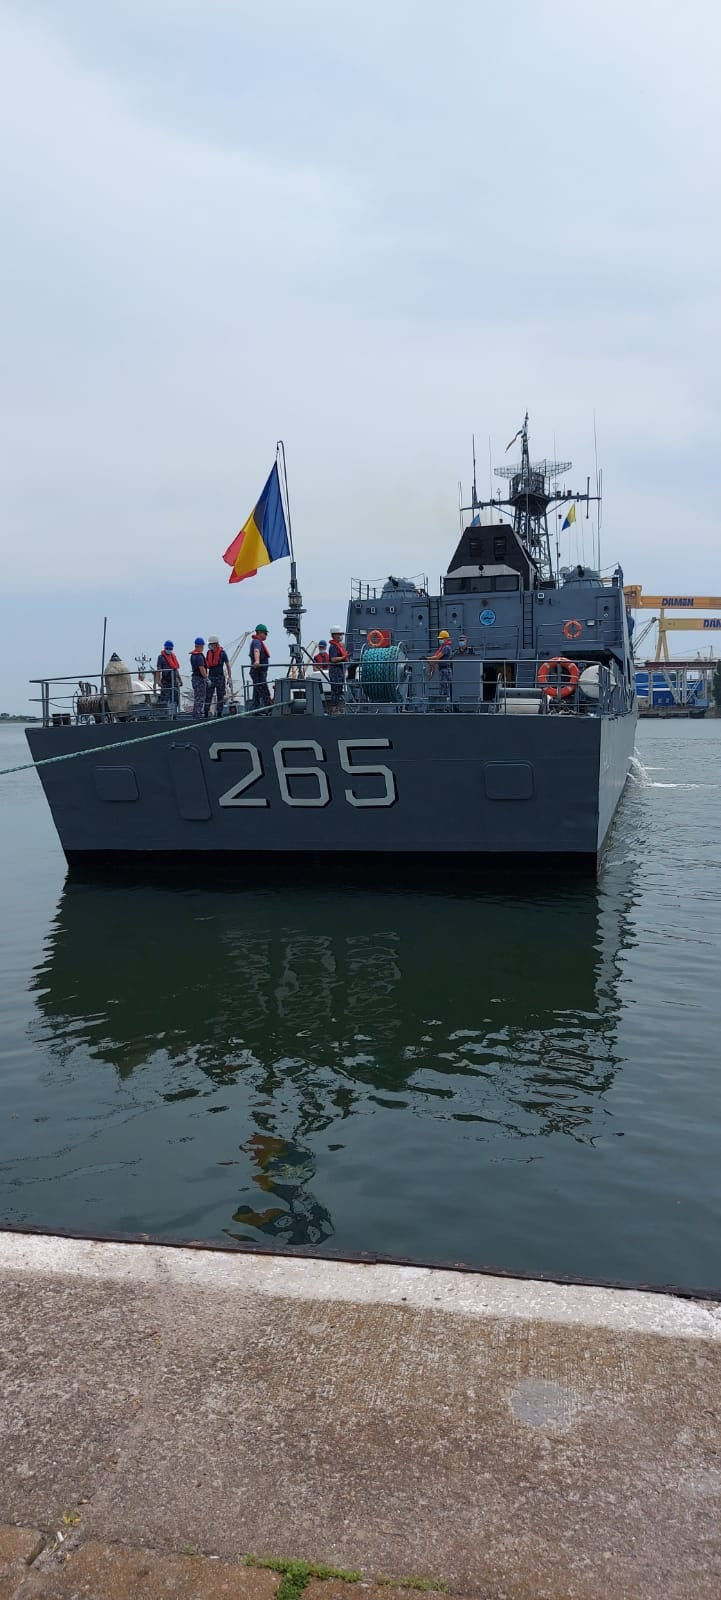 Romanian navy - Marine roumaine - Page 5 6316